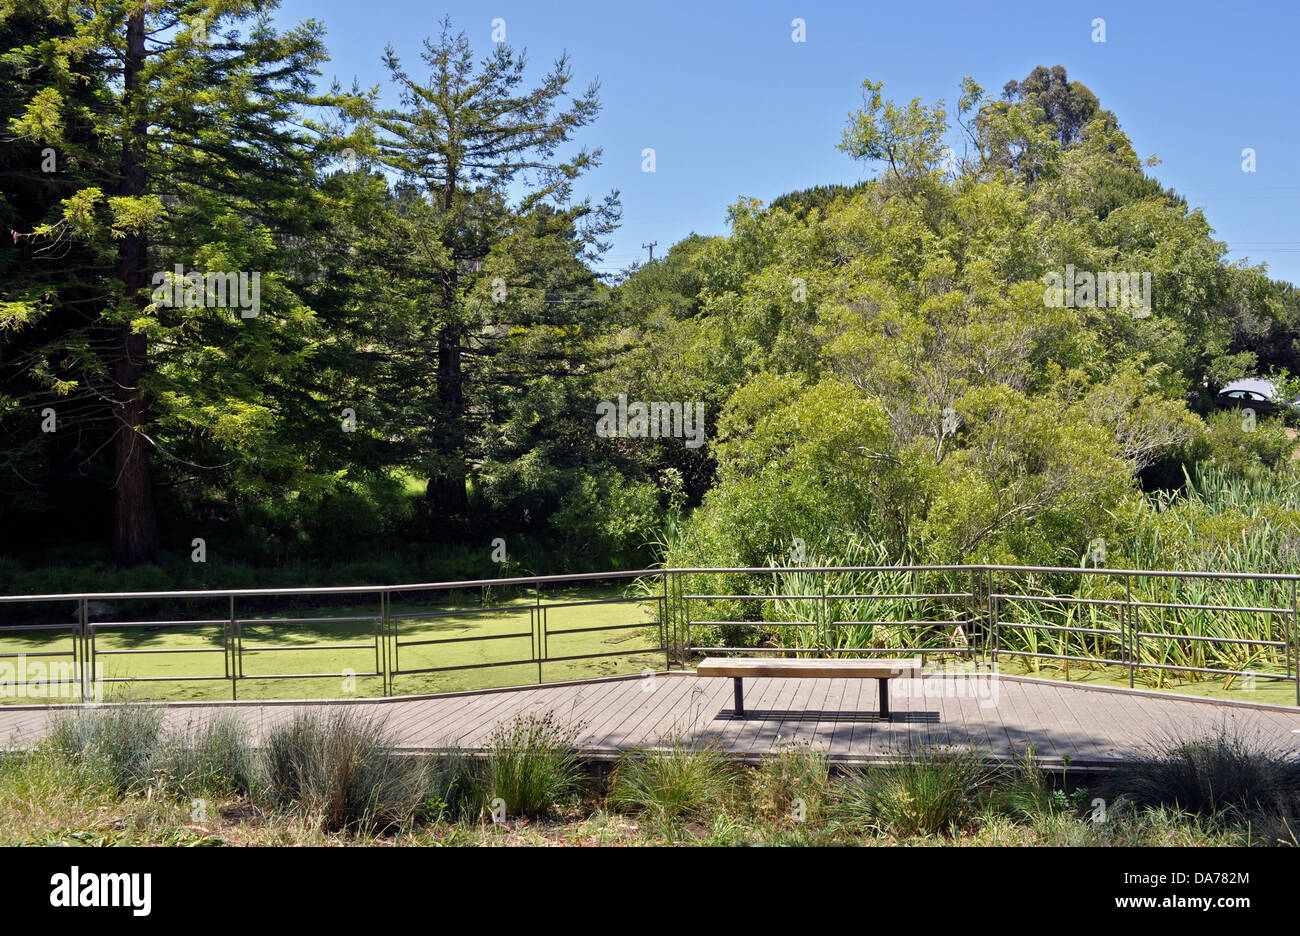 Lovely Área De Recursos Naturais Significativas Habitat, McLaren Park, San  Francisco, California, ESTADOS UNIDOS DA AMÉRICA